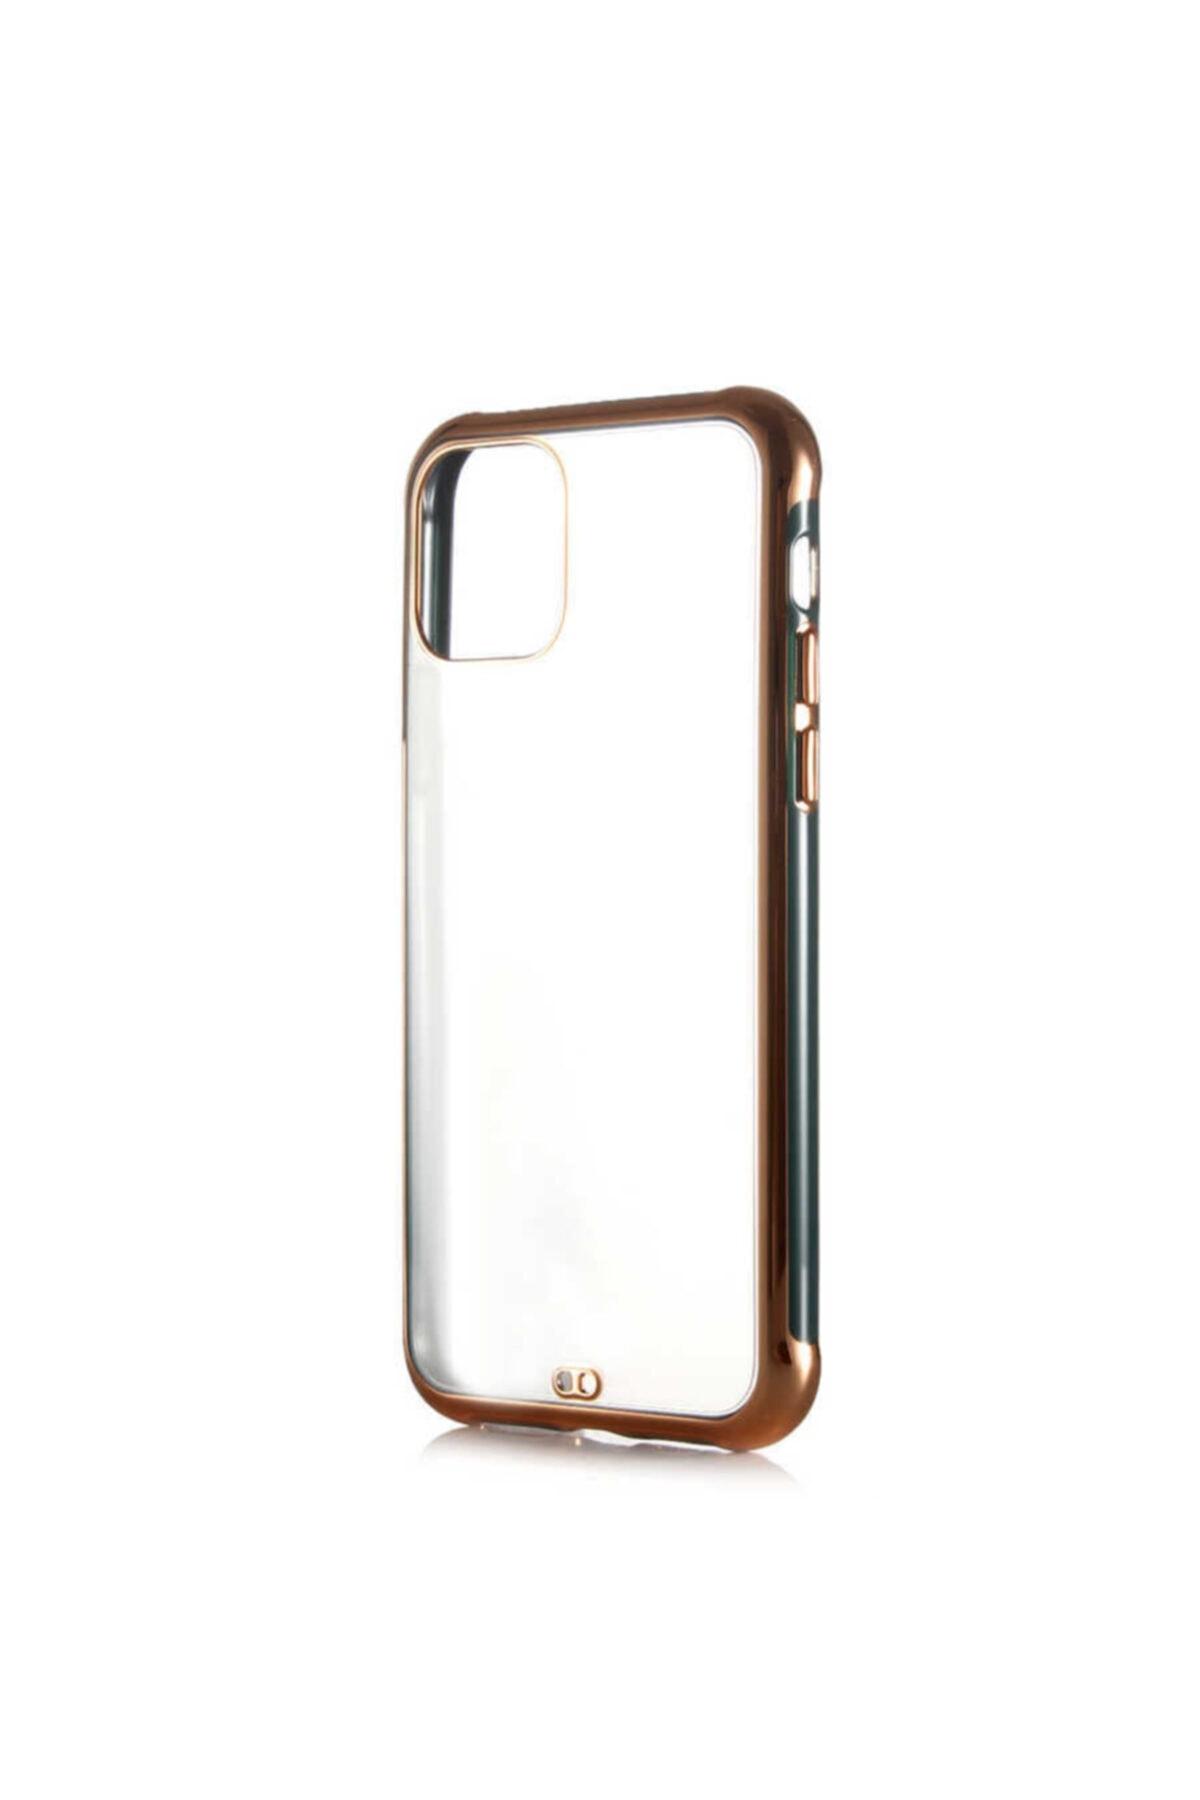 zore Iphone 11 Uyumlu Kılıf Altın Renki Kenarları Pastel Boyalı Voit Model Kapak 1